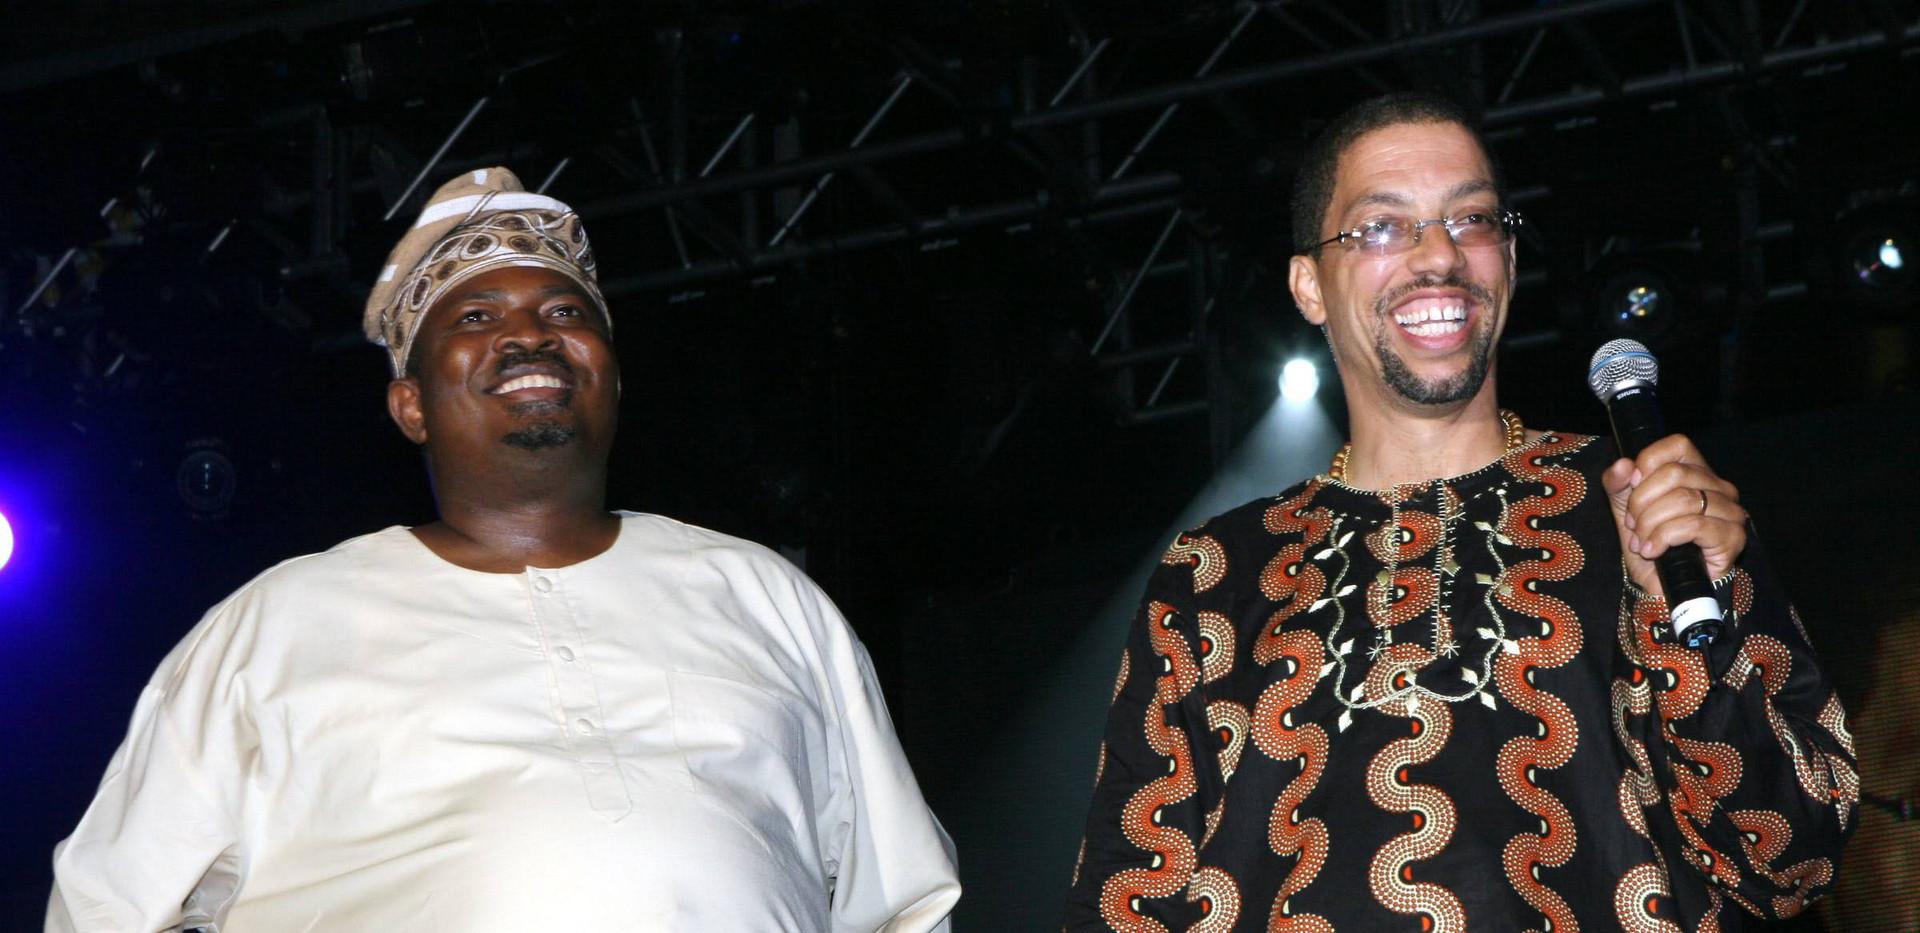 LAGOS NIGERIA MUSIC FESTIVAL